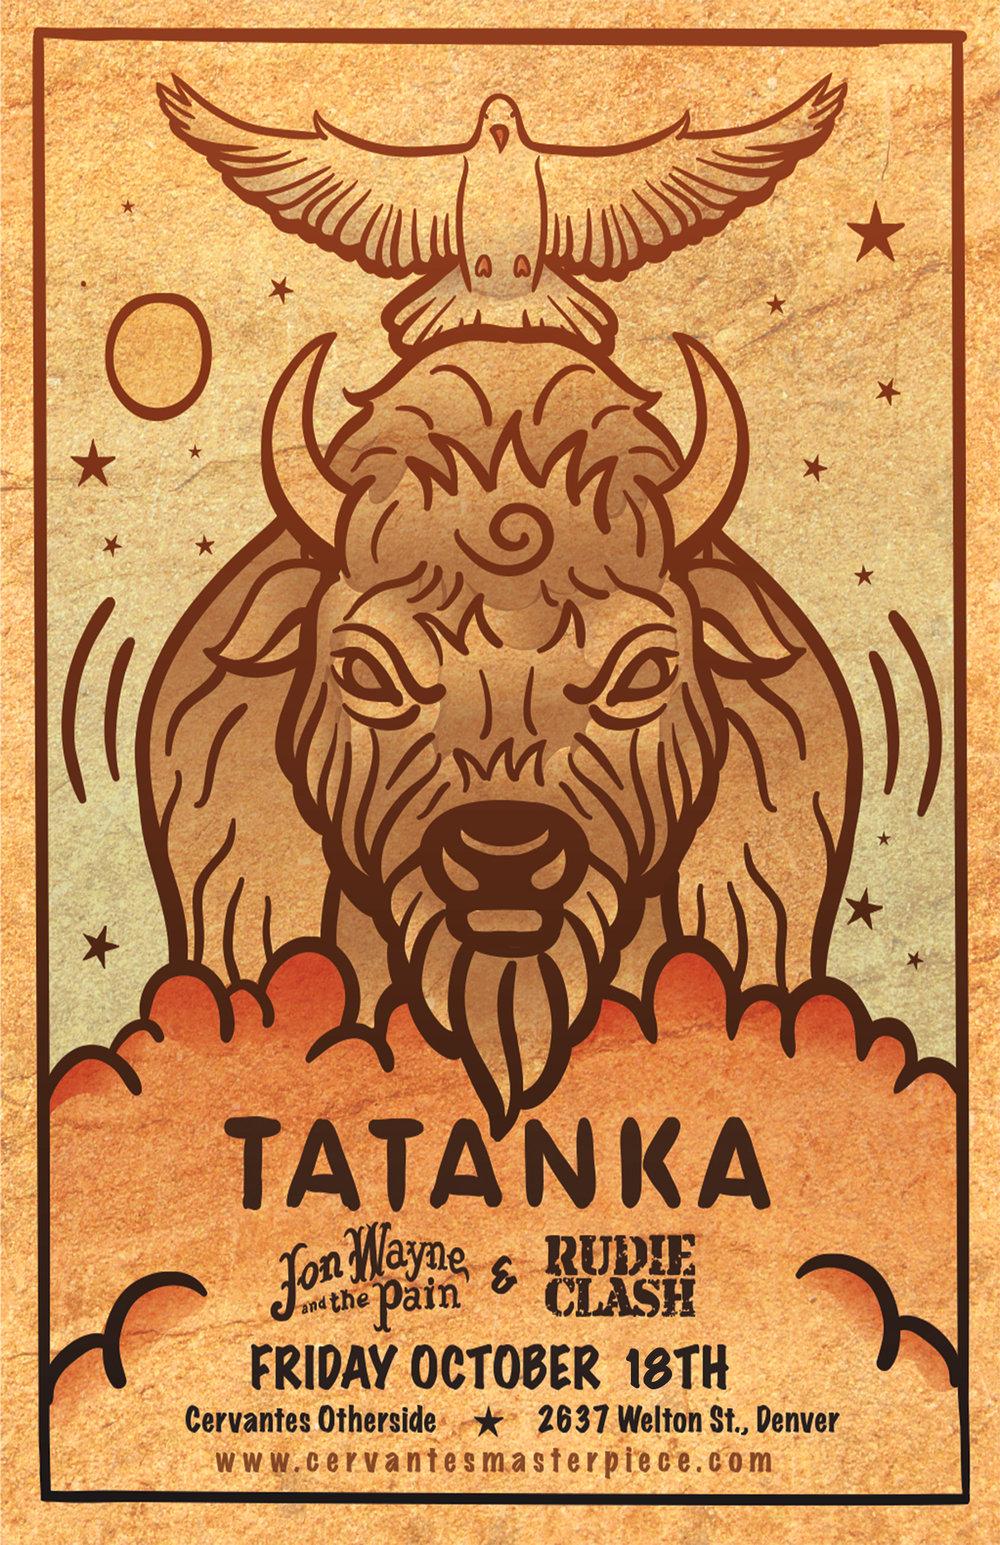 Tatanka-October-18th-Poster.jpg